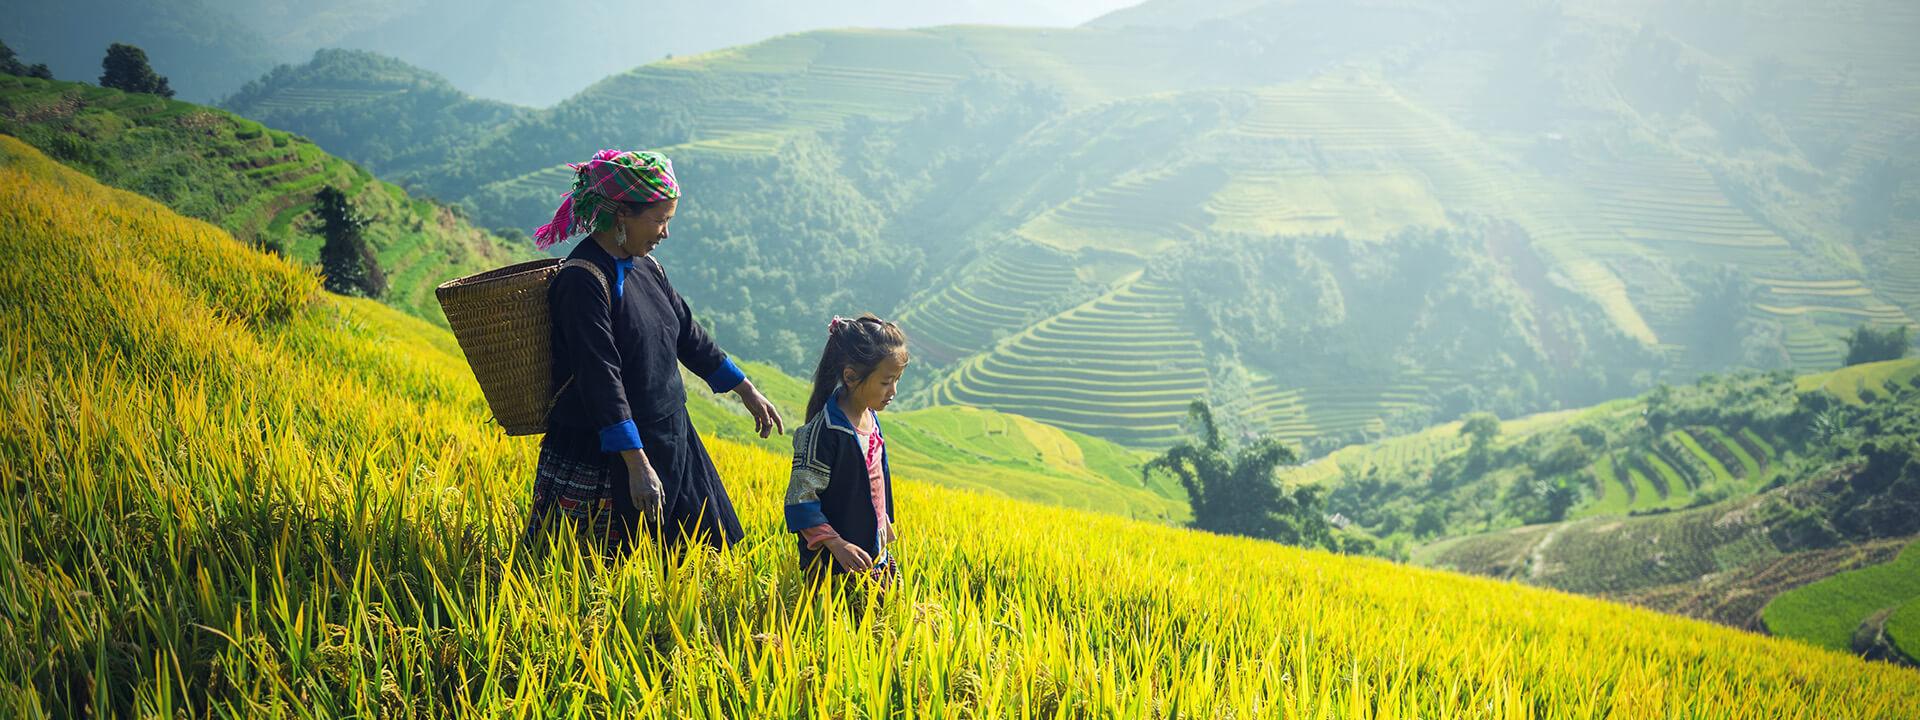 https://ttb-travel.com/wp-content/uploads/2017/12/vietnam-en-famille-banner.jpg